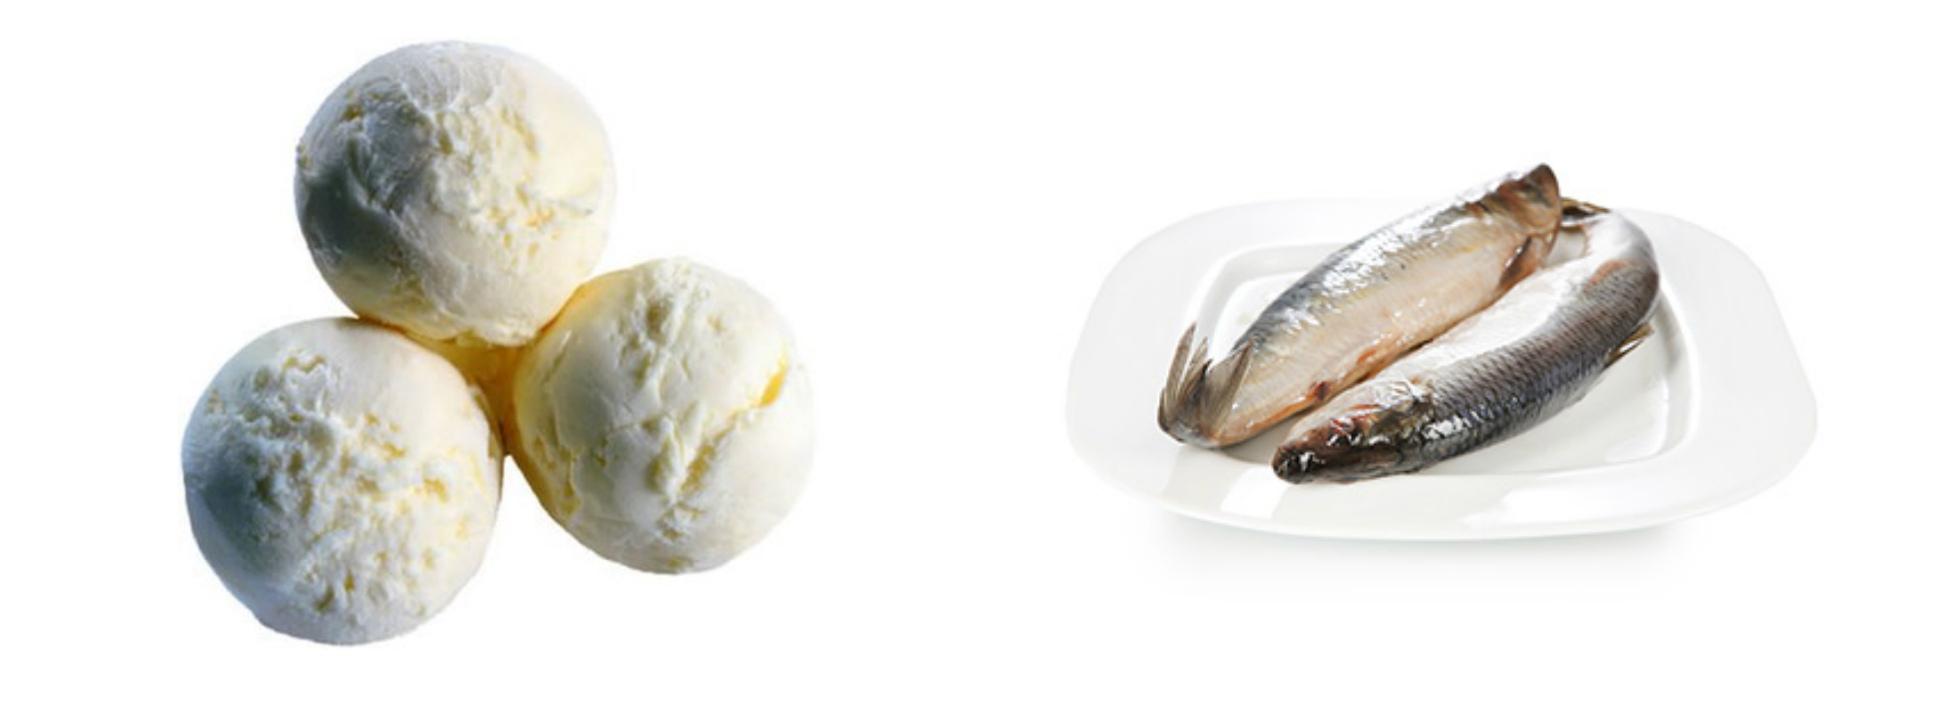 Сливочное мороженое, соленая рыба